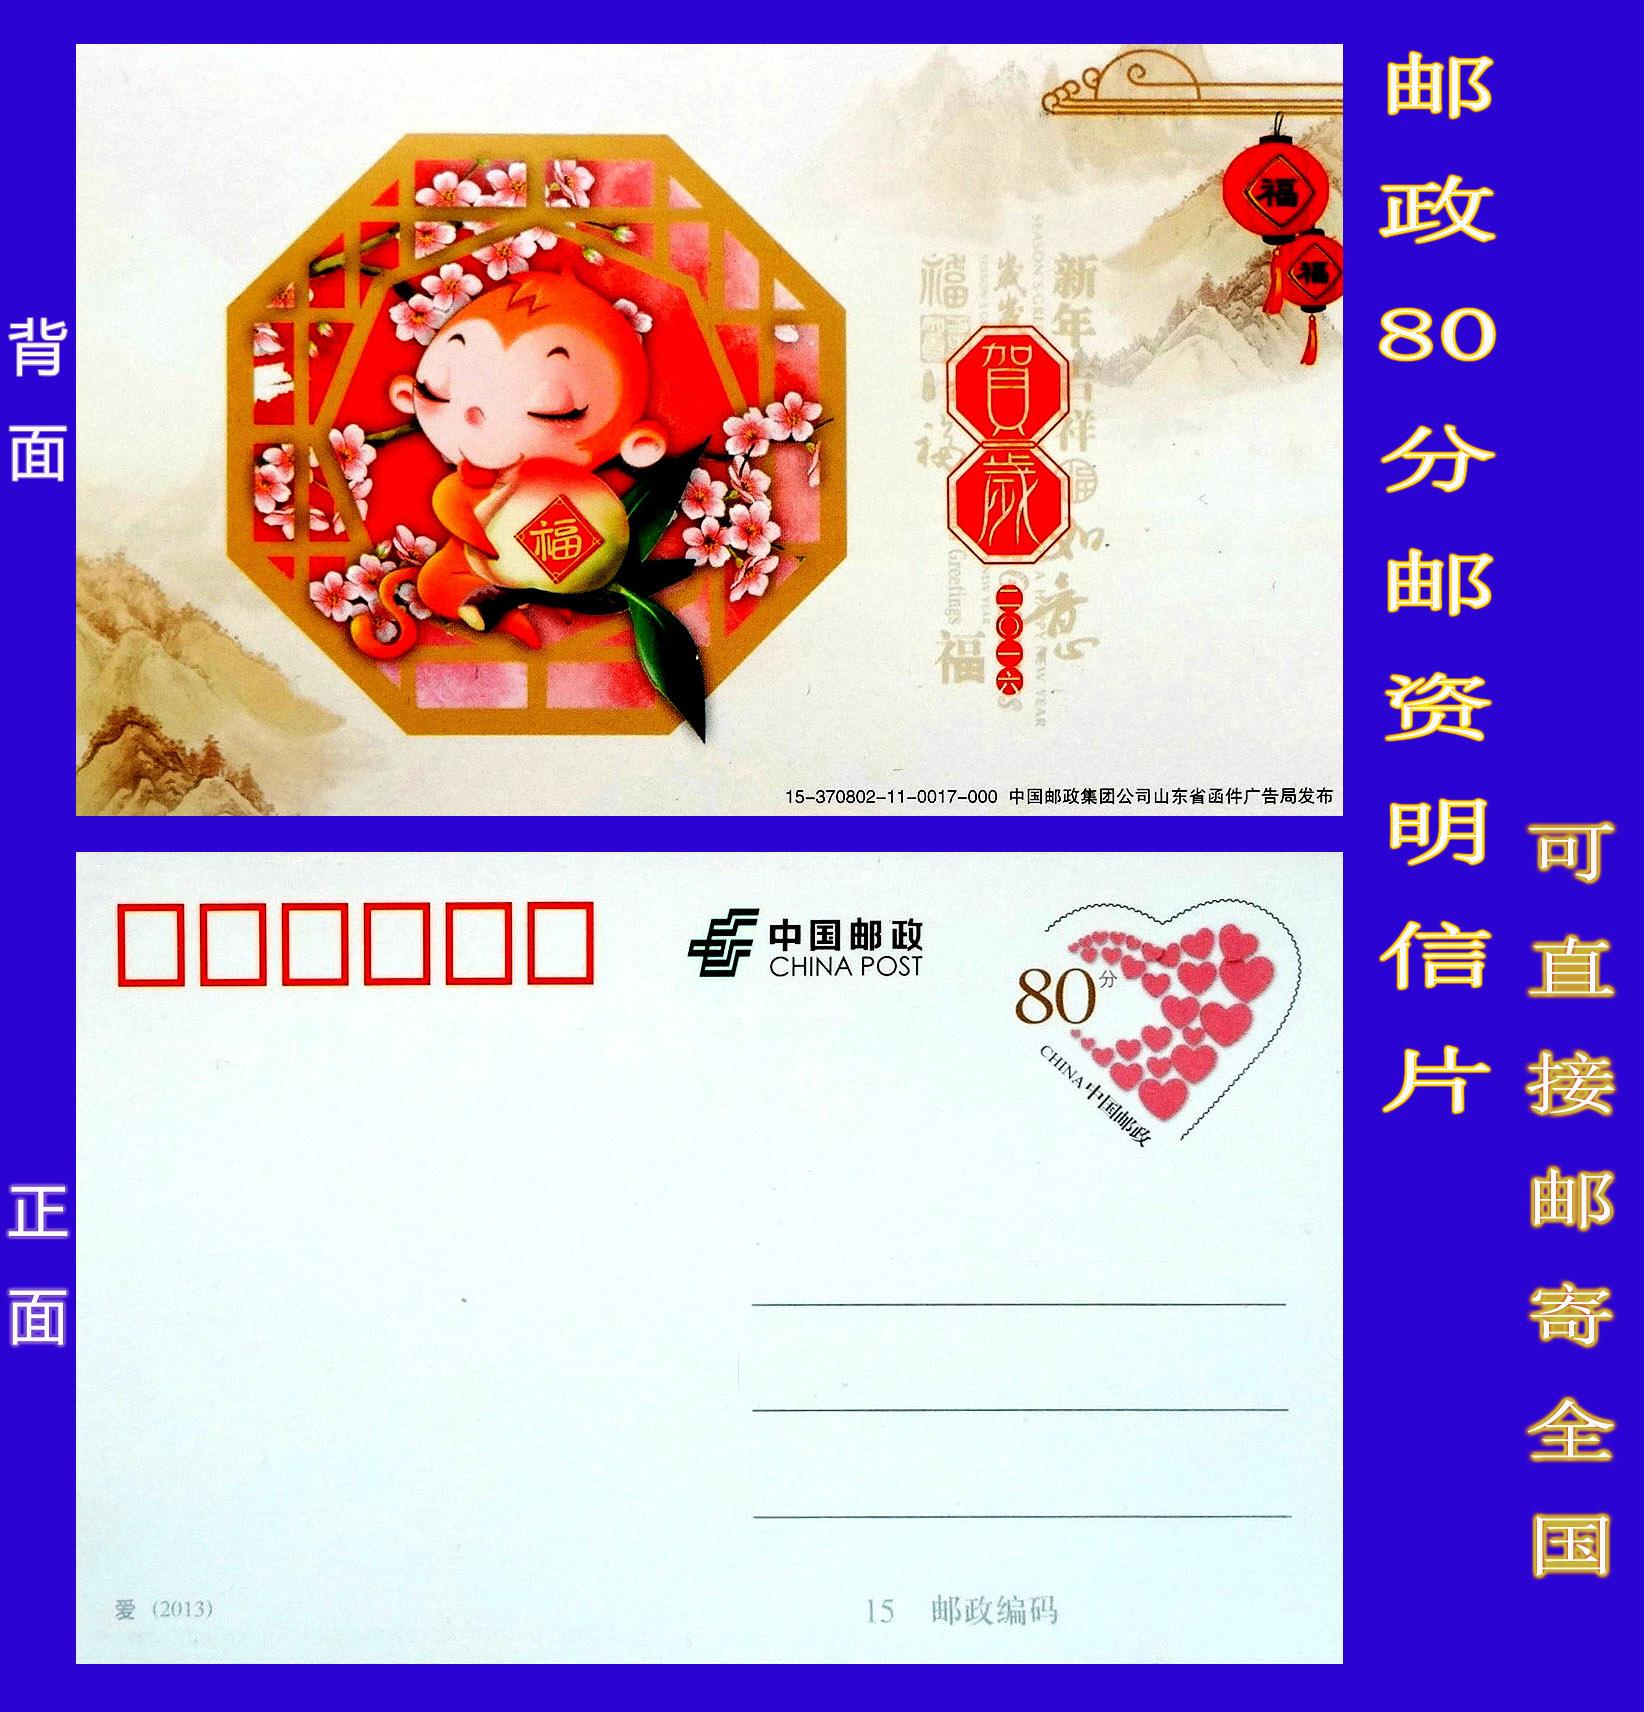 10 5 юаней бесплатная доставка по китаю 80-точечные почтовые мини-открытки с почтовыми марками